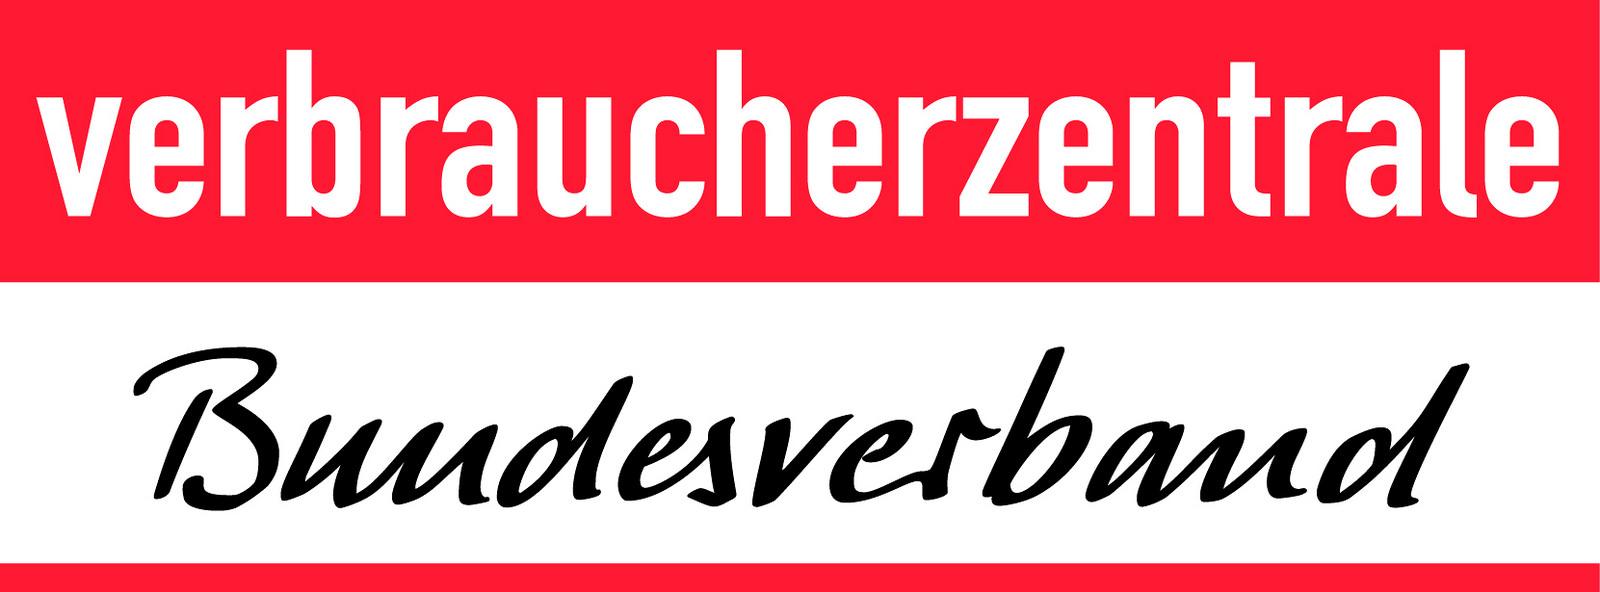 Verbraucherzentrale Bundesverband-Logo